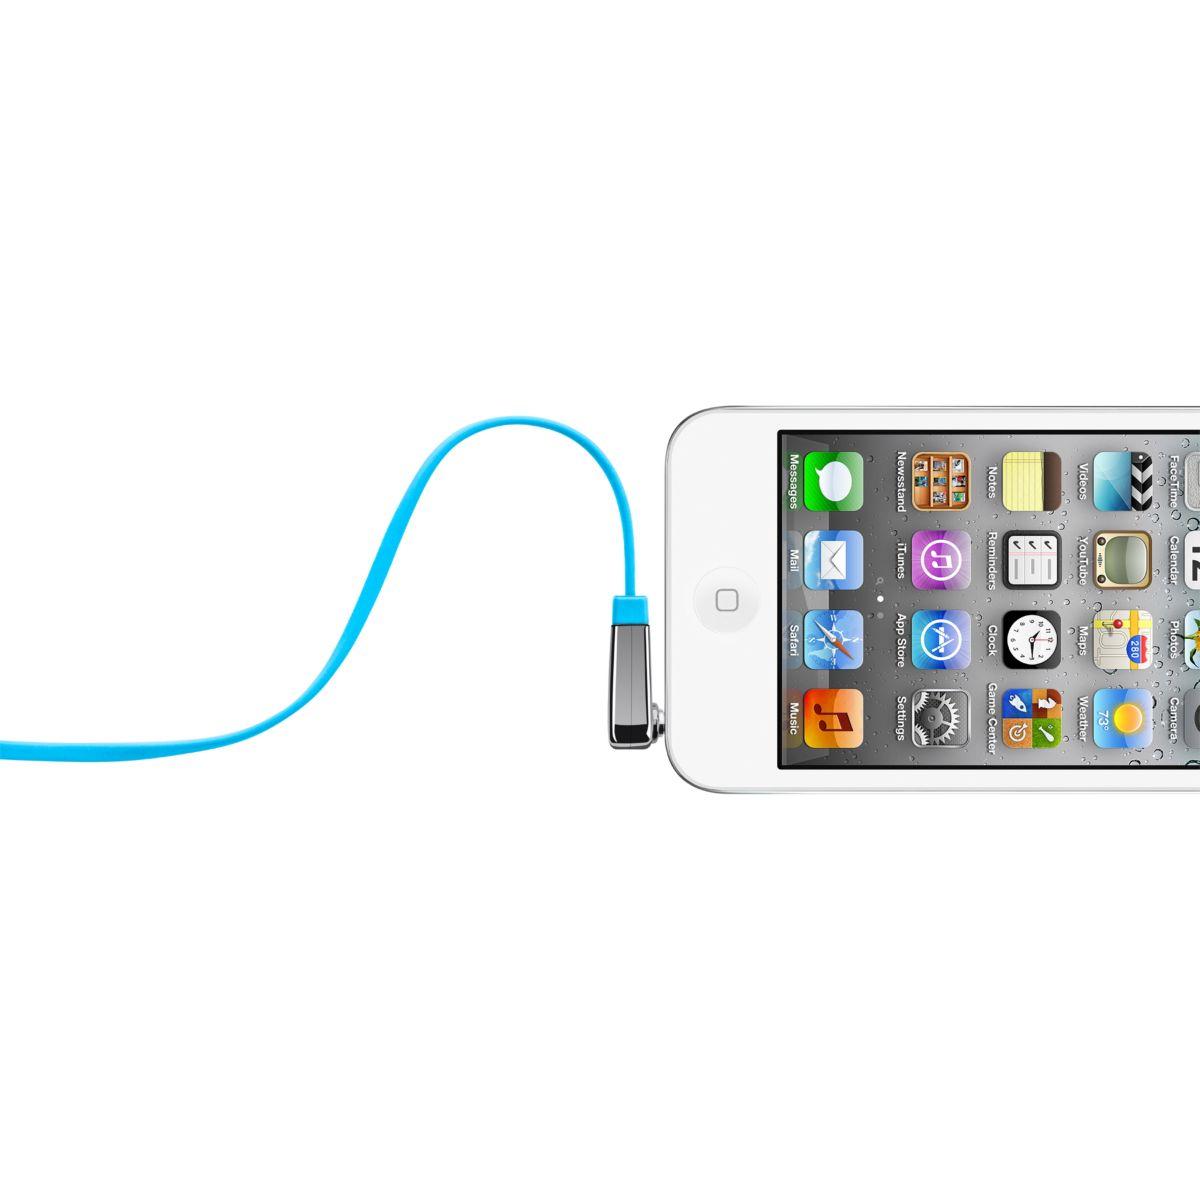 Connectique belkin câble plat coudé bleu - 20% de remise immédiate avec le code : cool20 (photo)